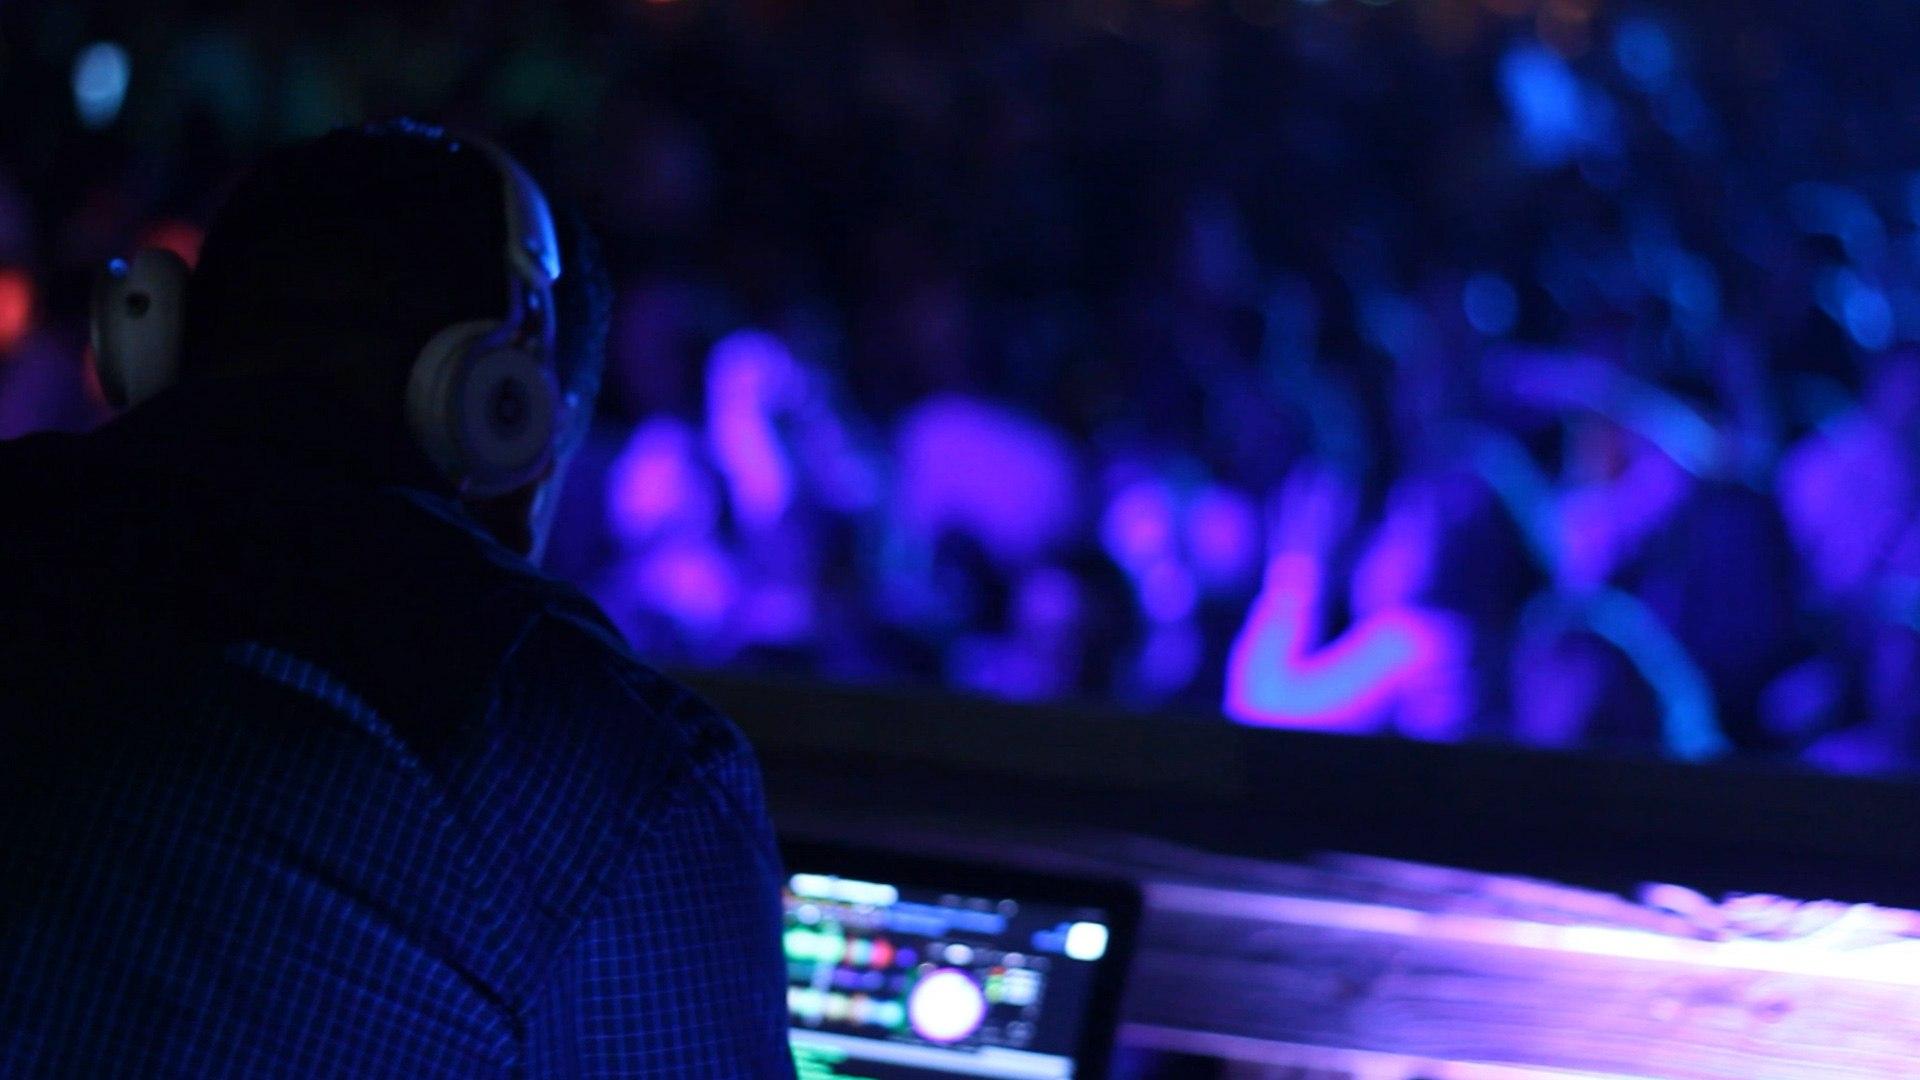 SOJO_PURPLE_DJ_CAVANAUGHS_PHILADELPHIA_CROWD_DANCEFLOOR_1920X1080